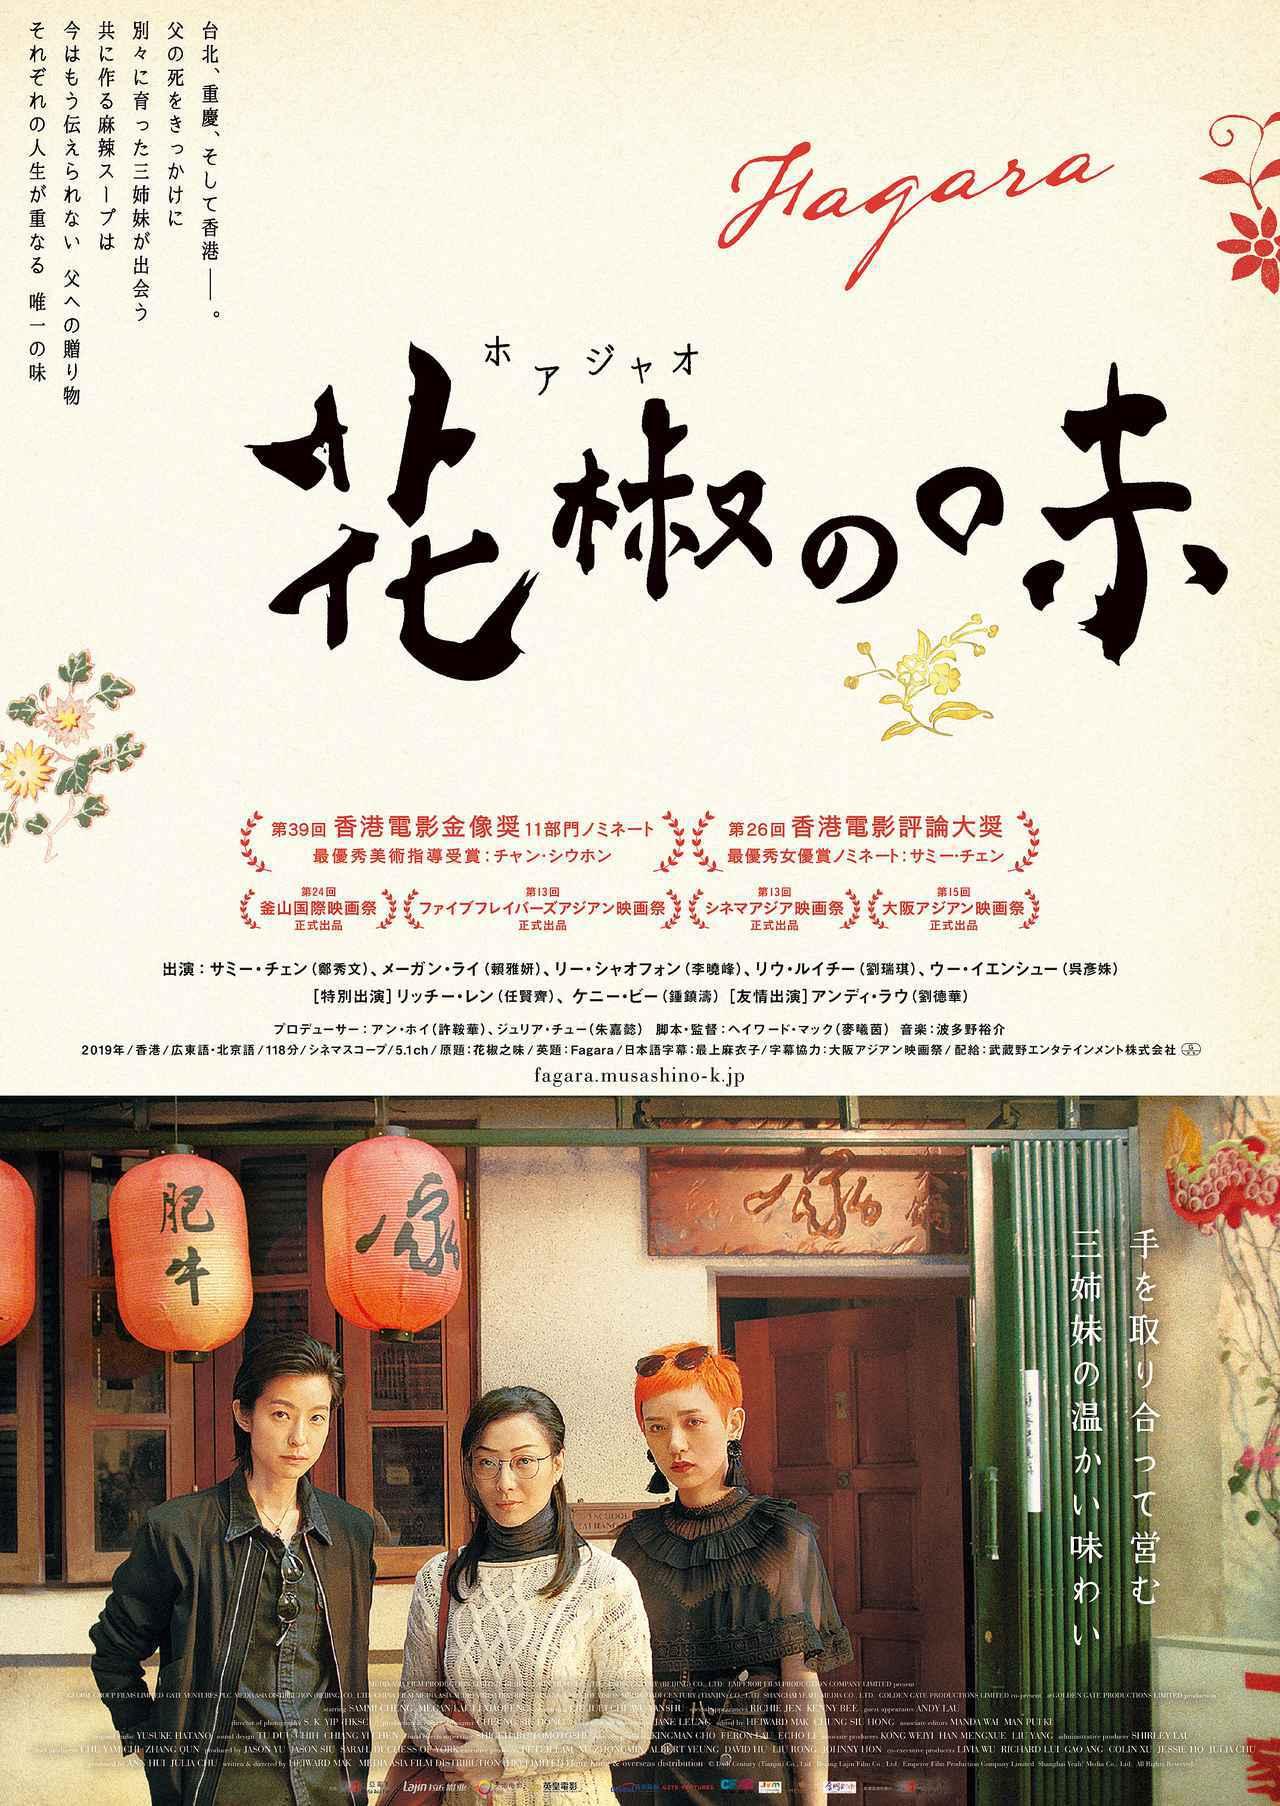 画像1: アン・ホイがプロデュース!香港、台北、重慶---別々の土地で育ち、父の死で、初めてお互いの存在を知った三姉妹の、ピリッとしびれる感動物語『花椒の味』予告公開!